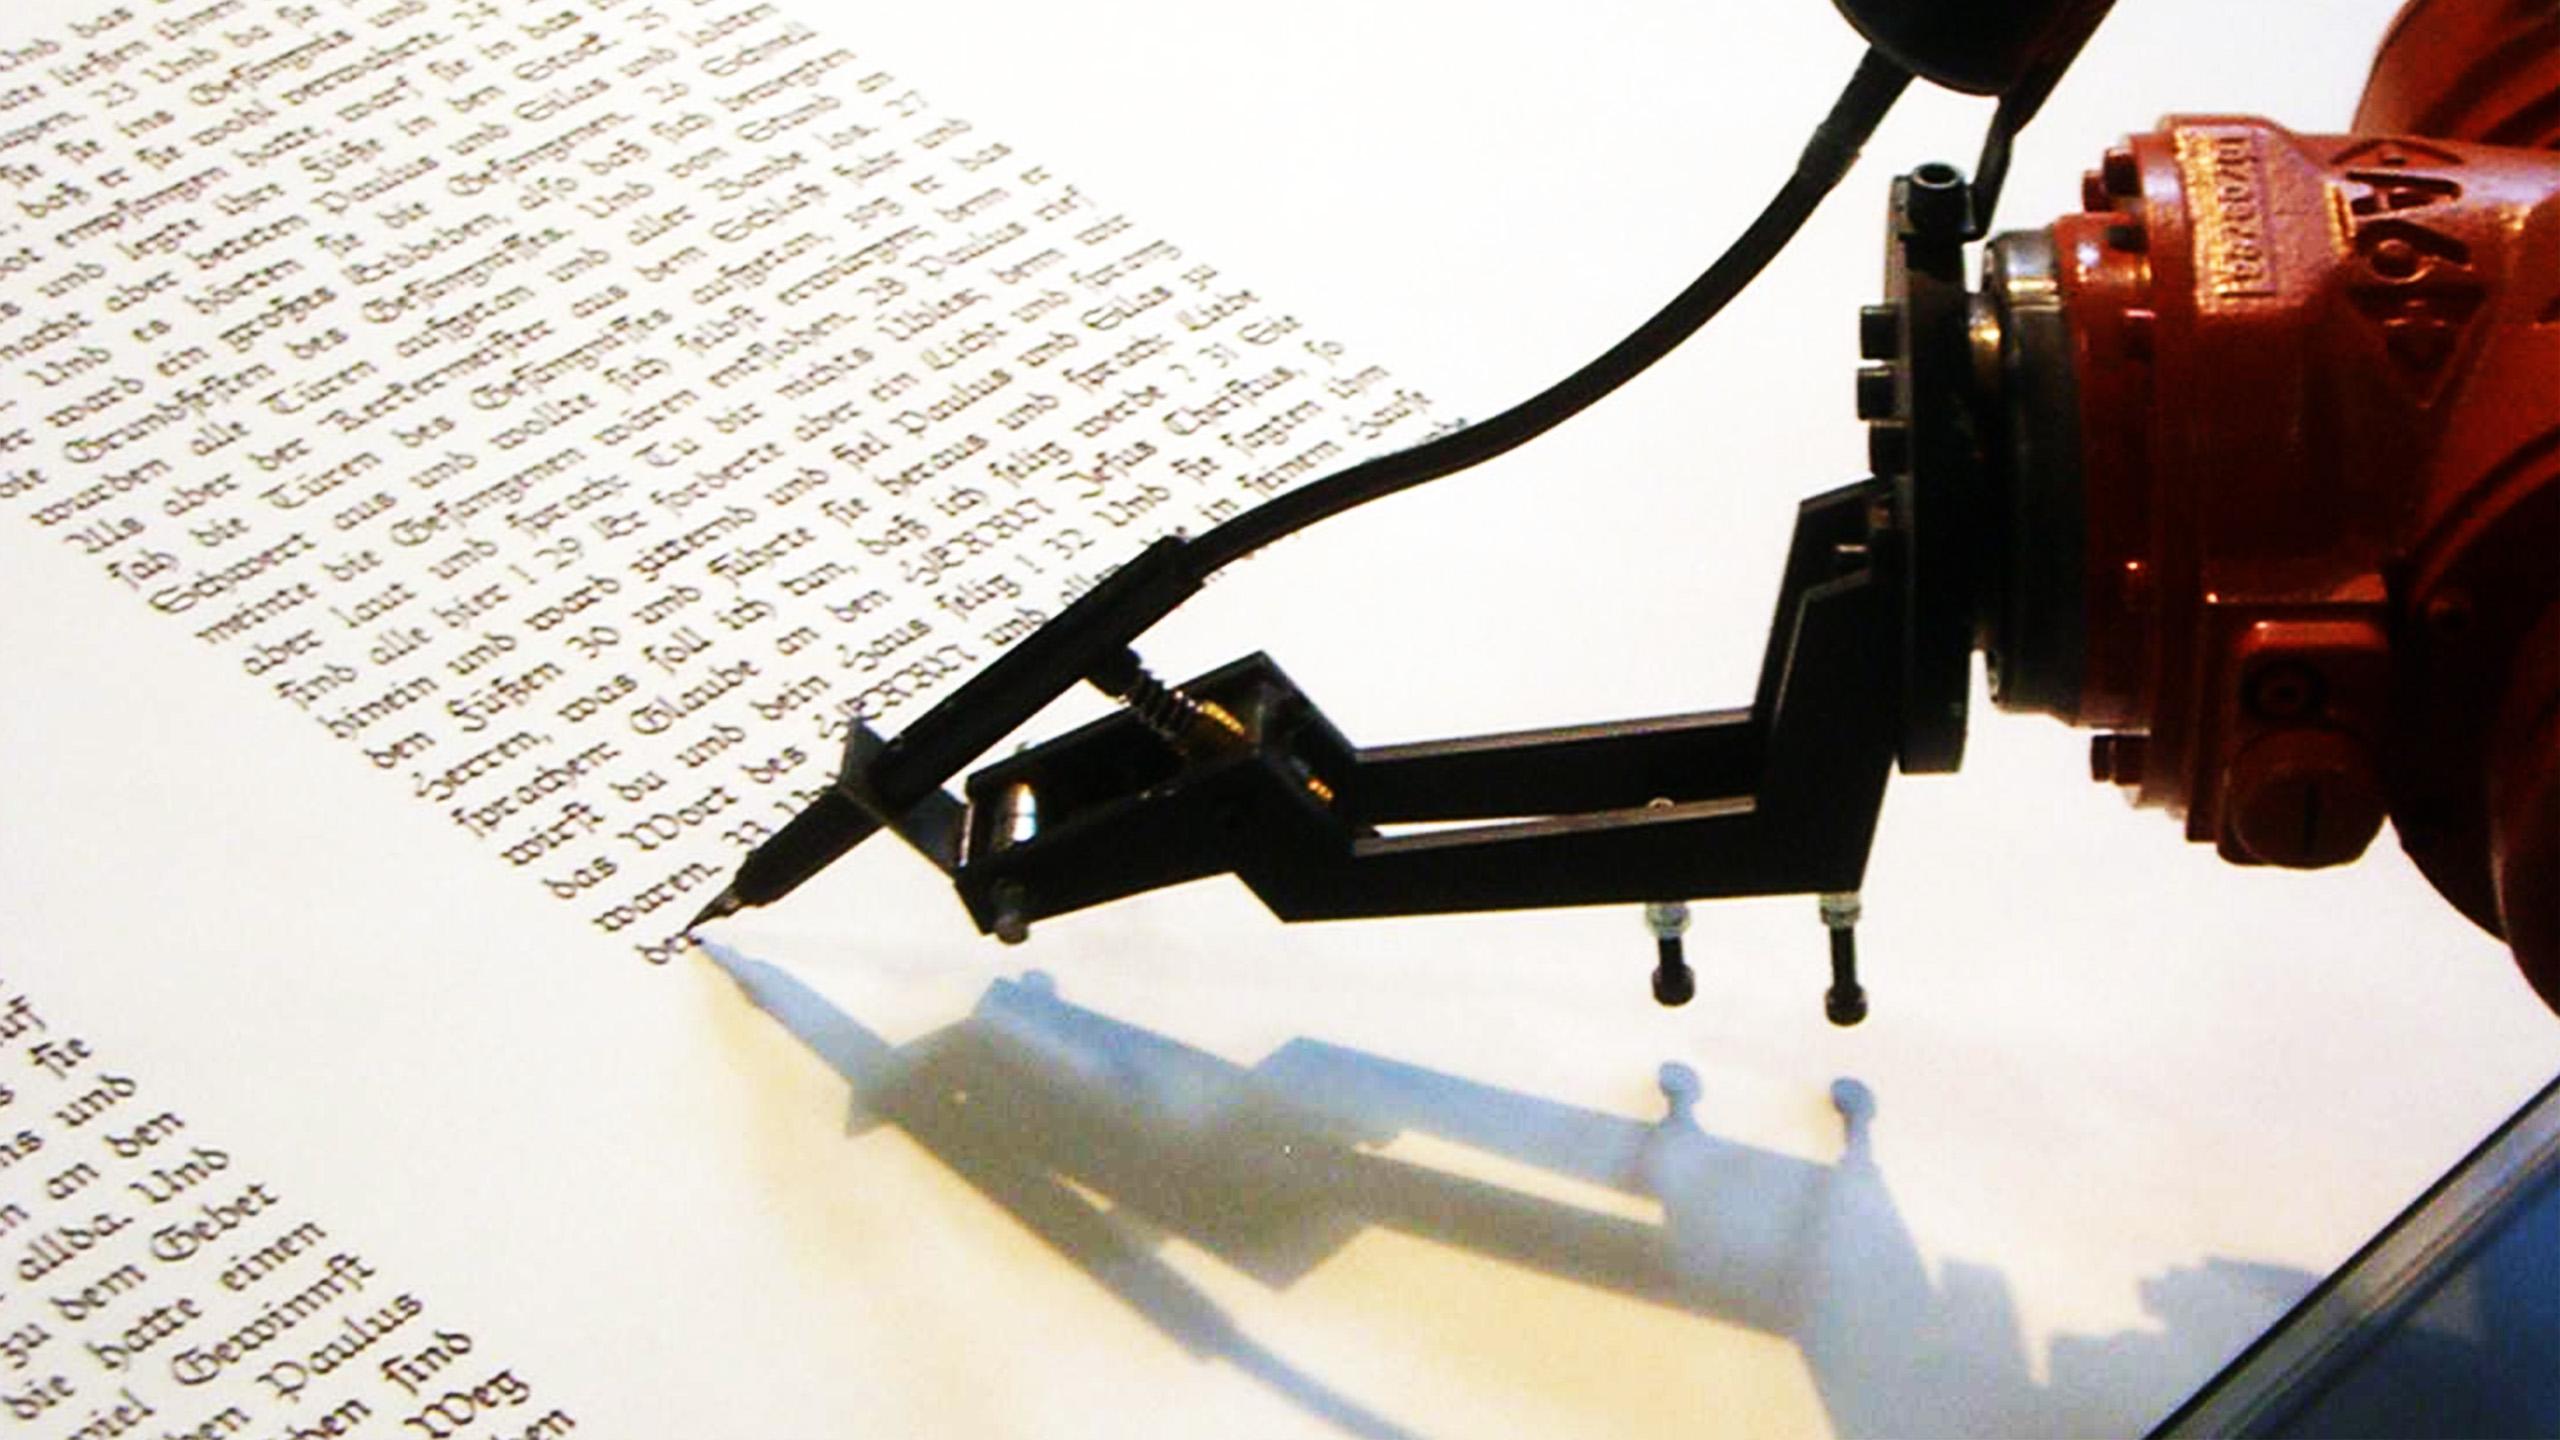 Robot Journalist – Programming Natural Language Generation (NLG)